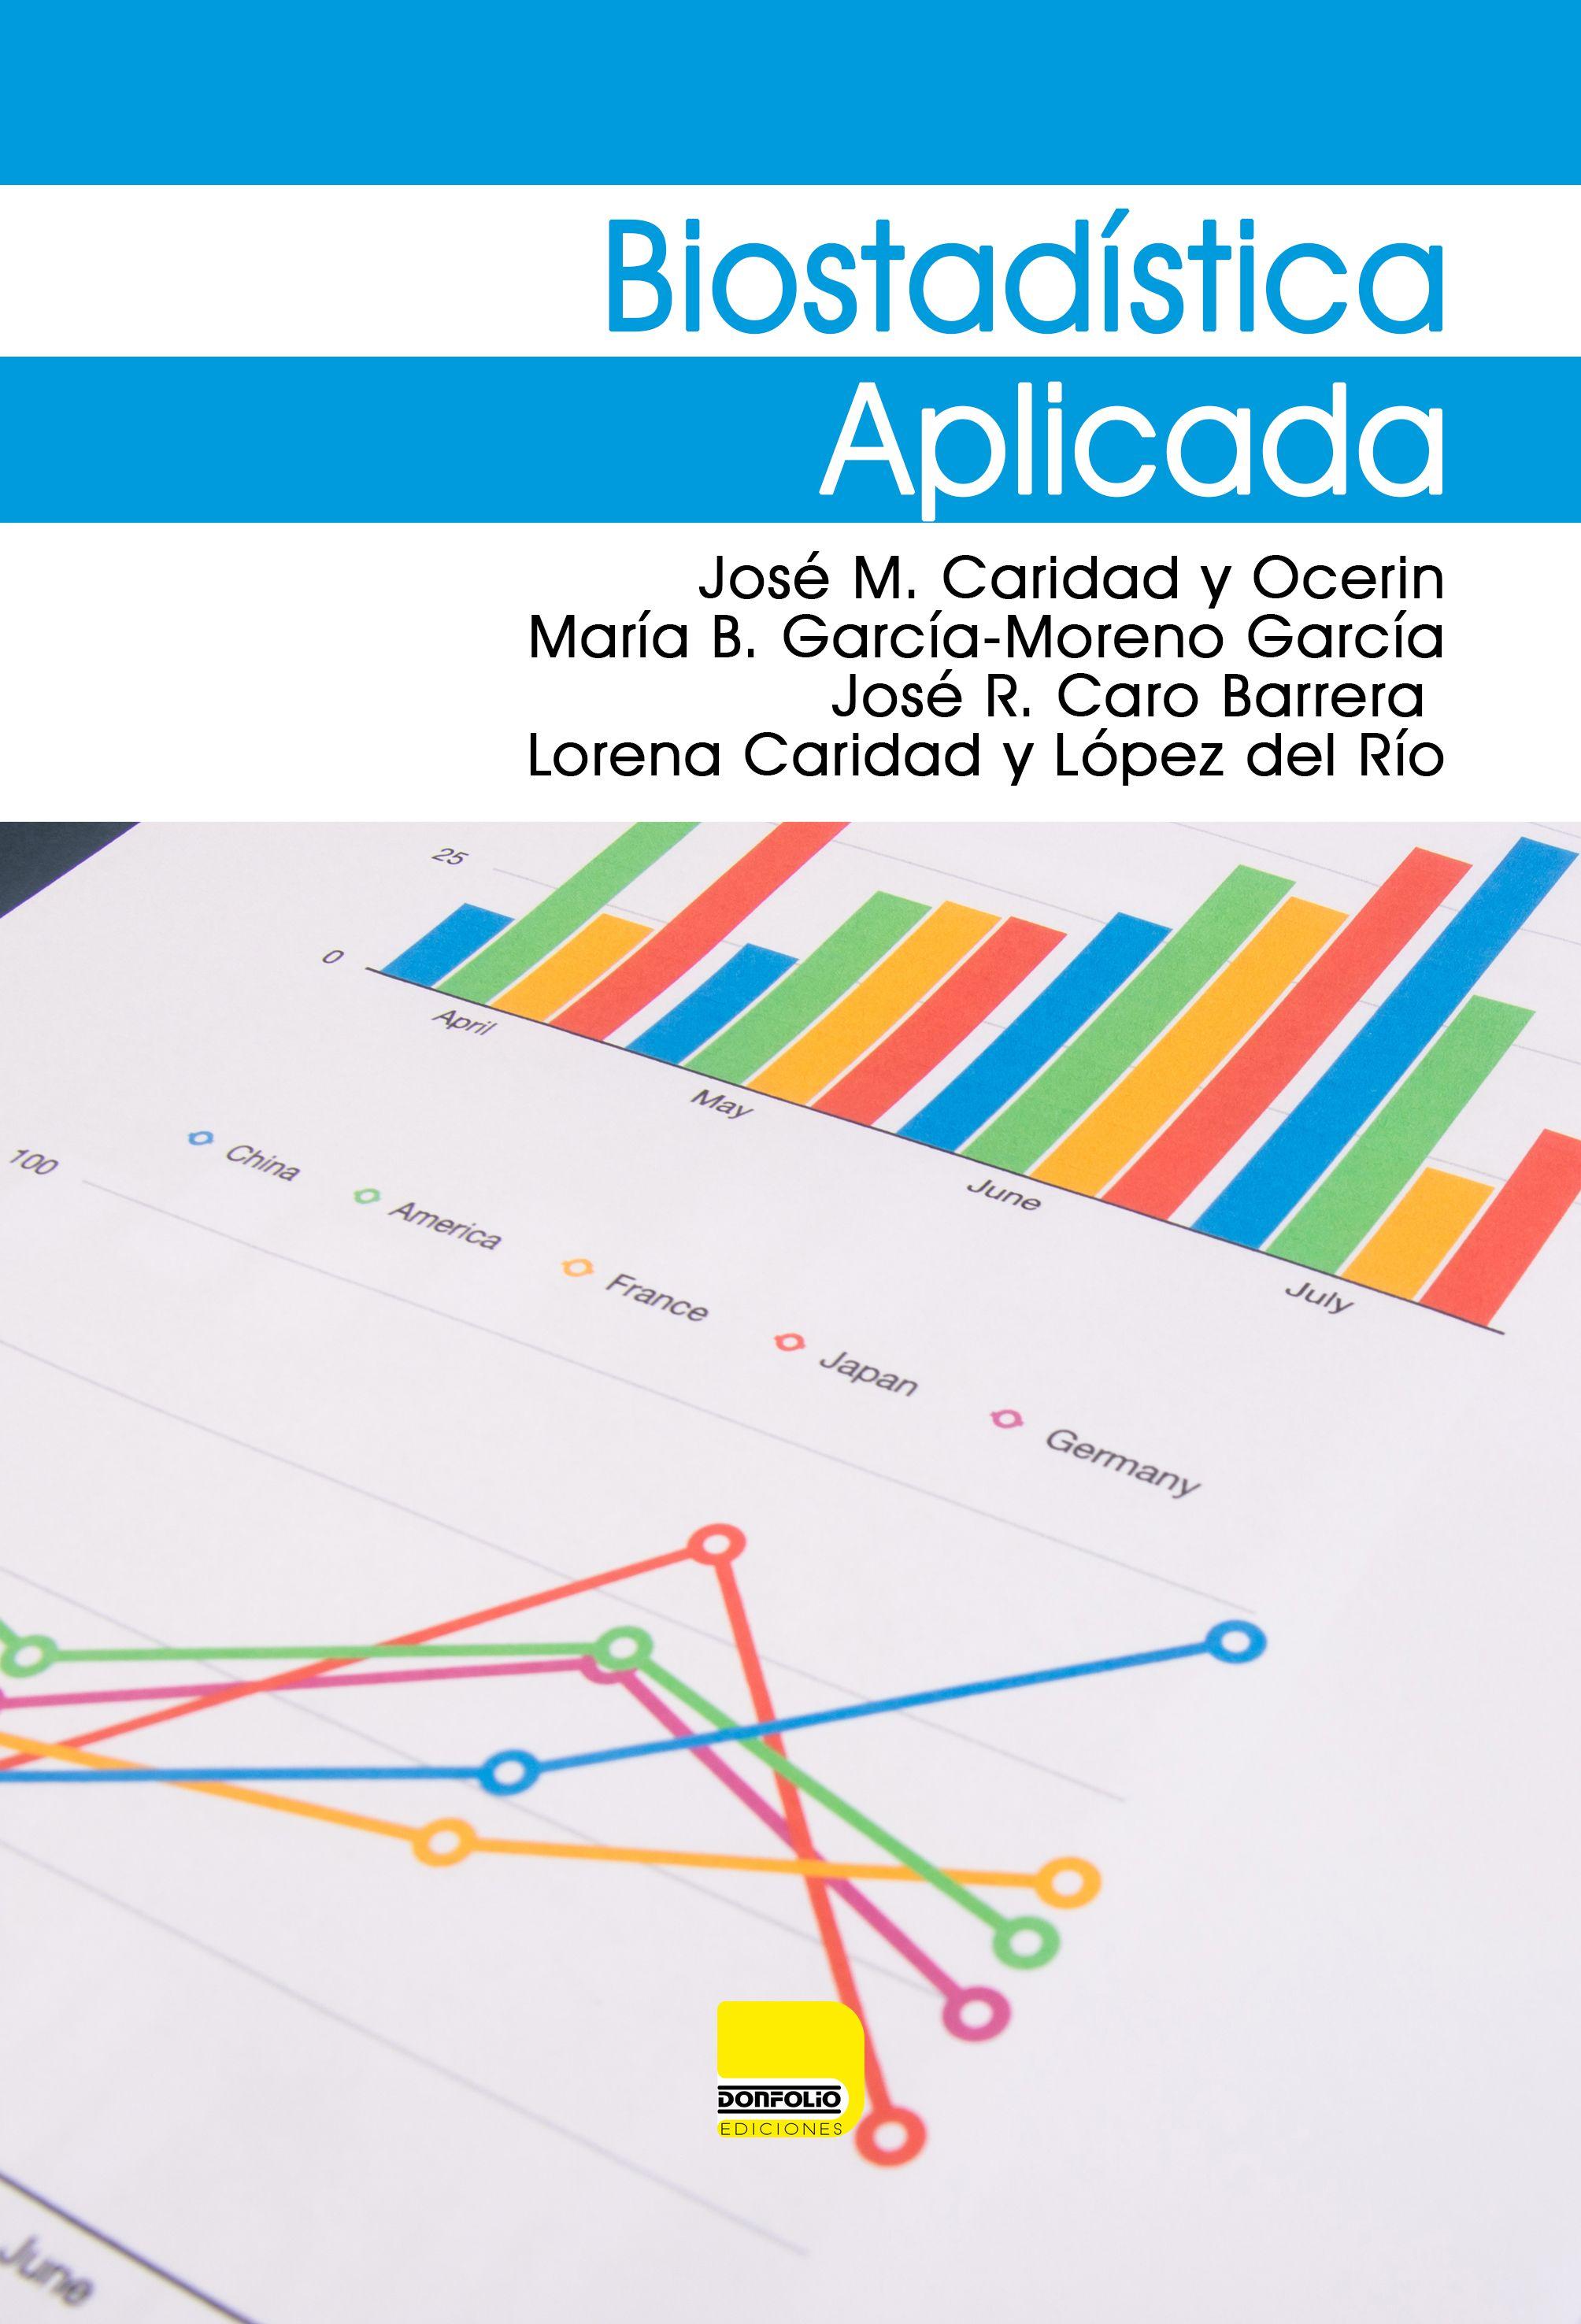 Editorial Bioestadística Aplicada José M Caridad Y Ocerin Map Chart Editorial